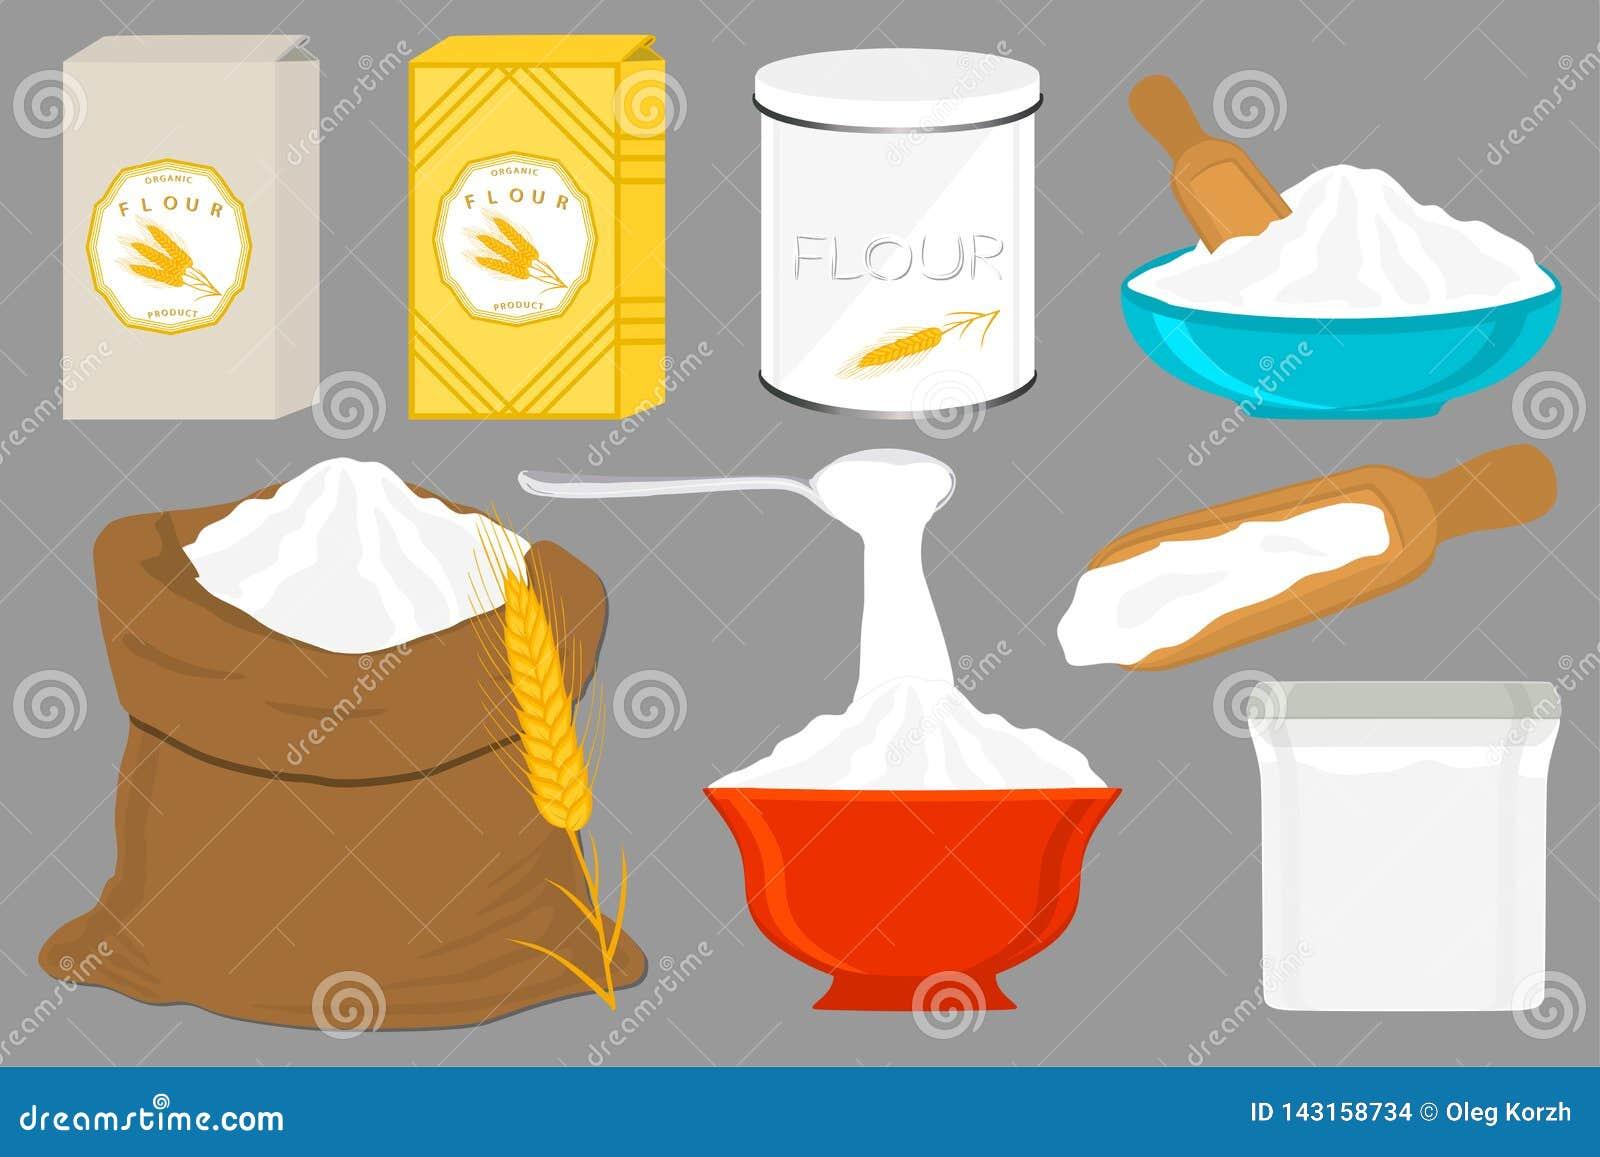 Ilustracja na tematów dużych ustalonych różnych typach dishware wypełniał pszeniczną mąkę